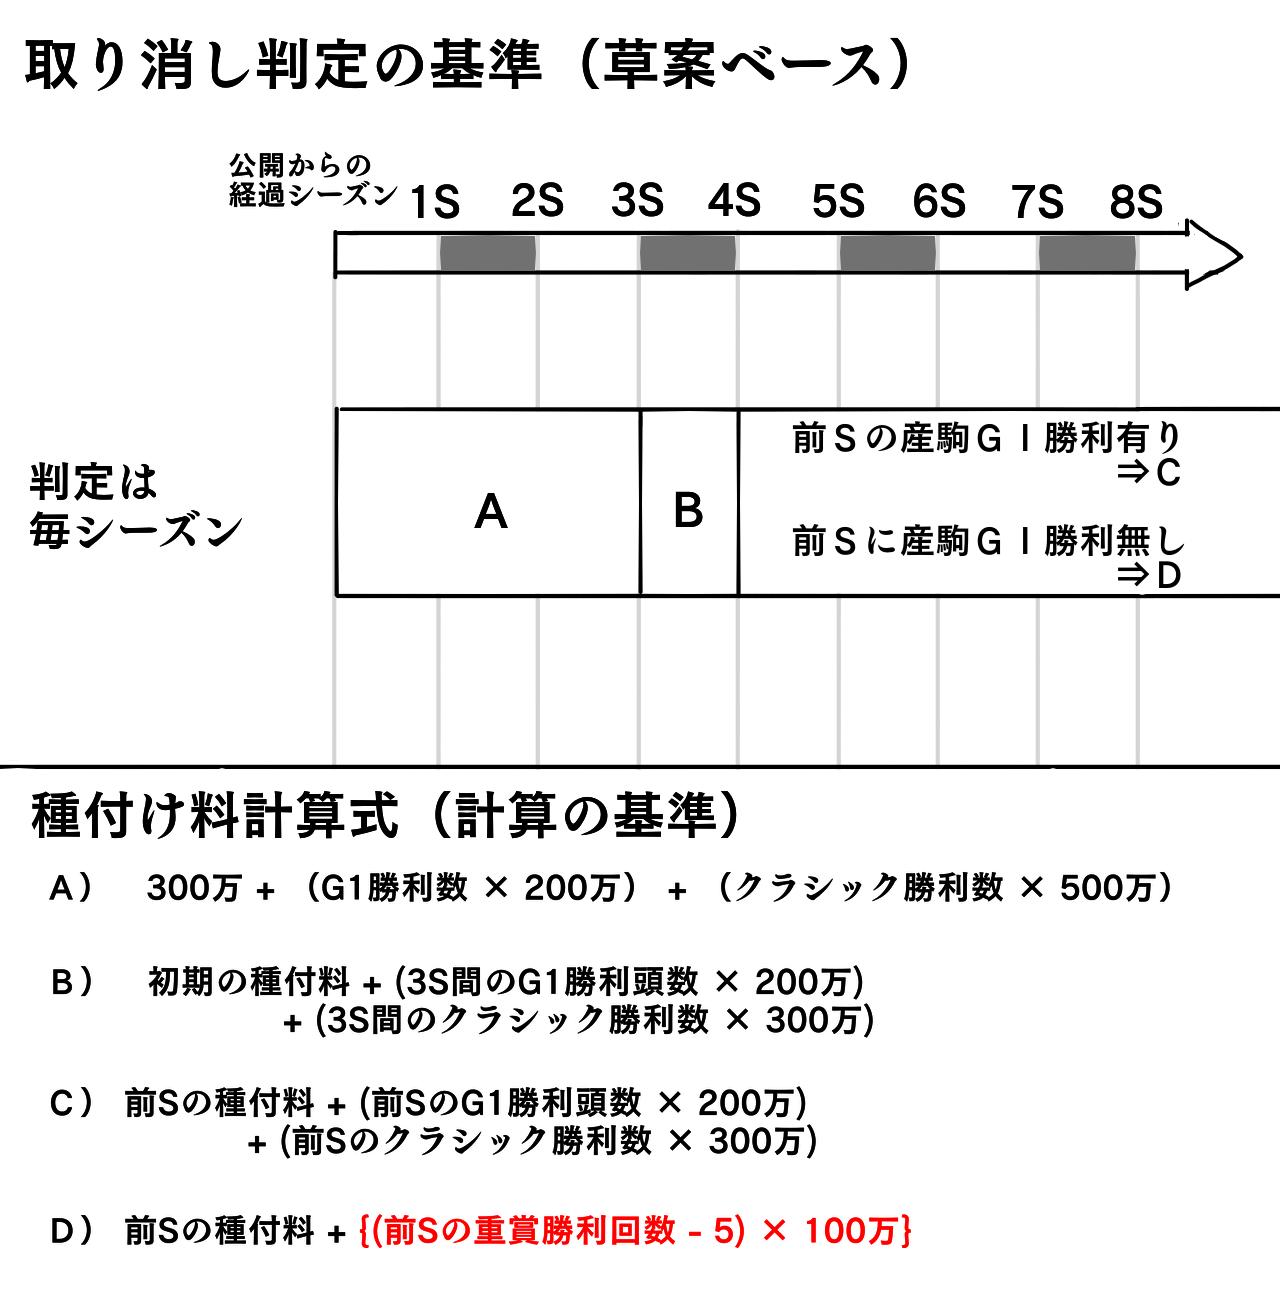 取り消し判定簡易図1